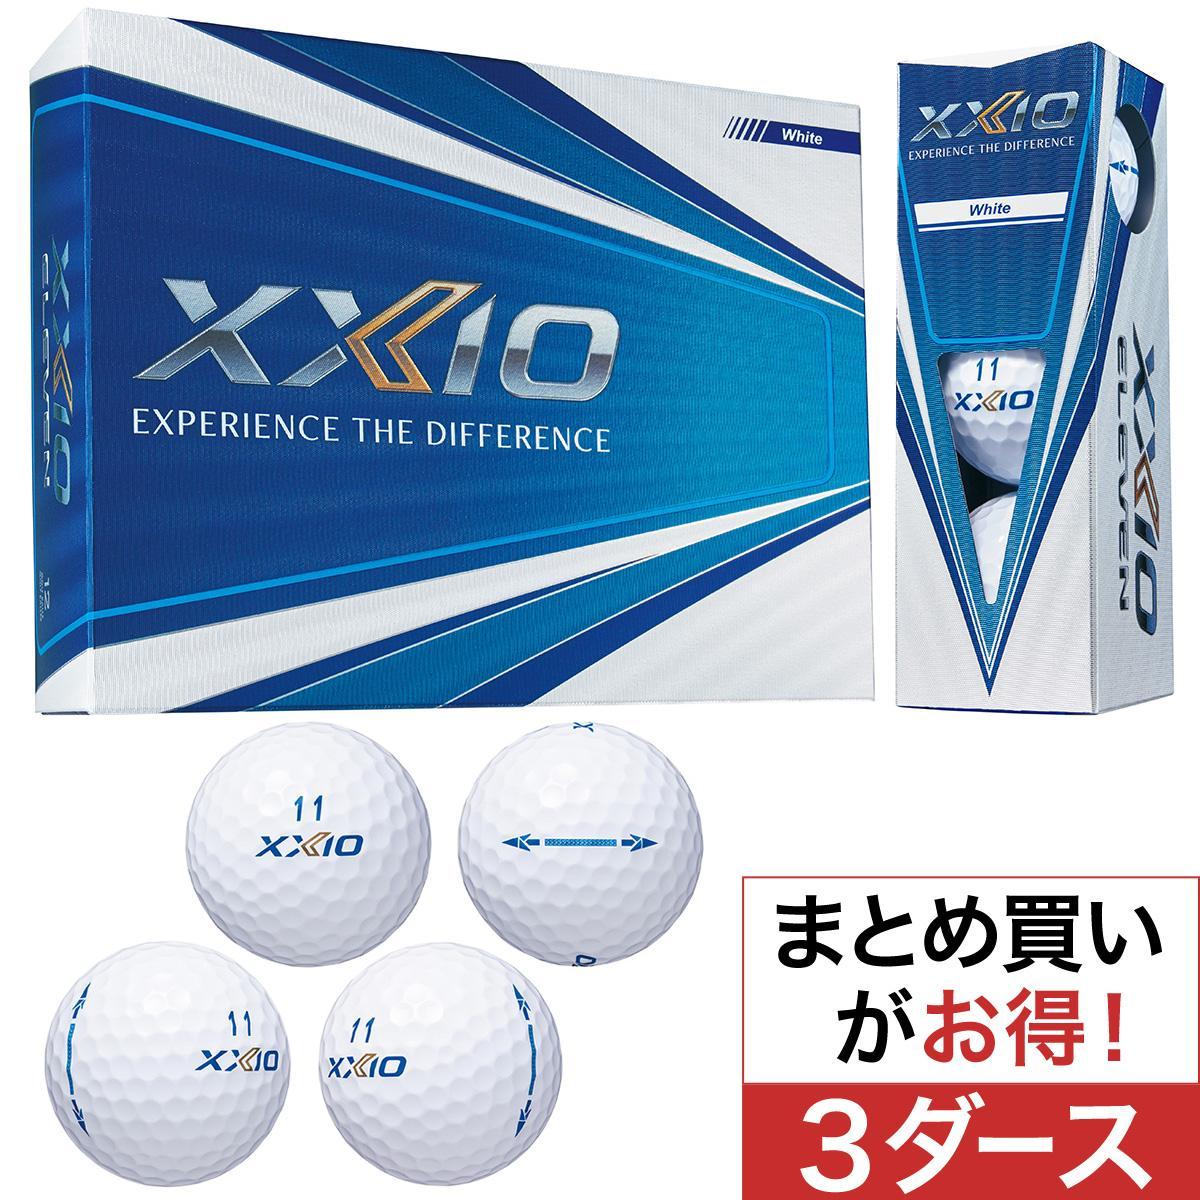 ダンロップ XXIO ゼクシオイレブン XXIO11 ゼクシオ11 ボール | ゴルフボール 3ダースセット 36球